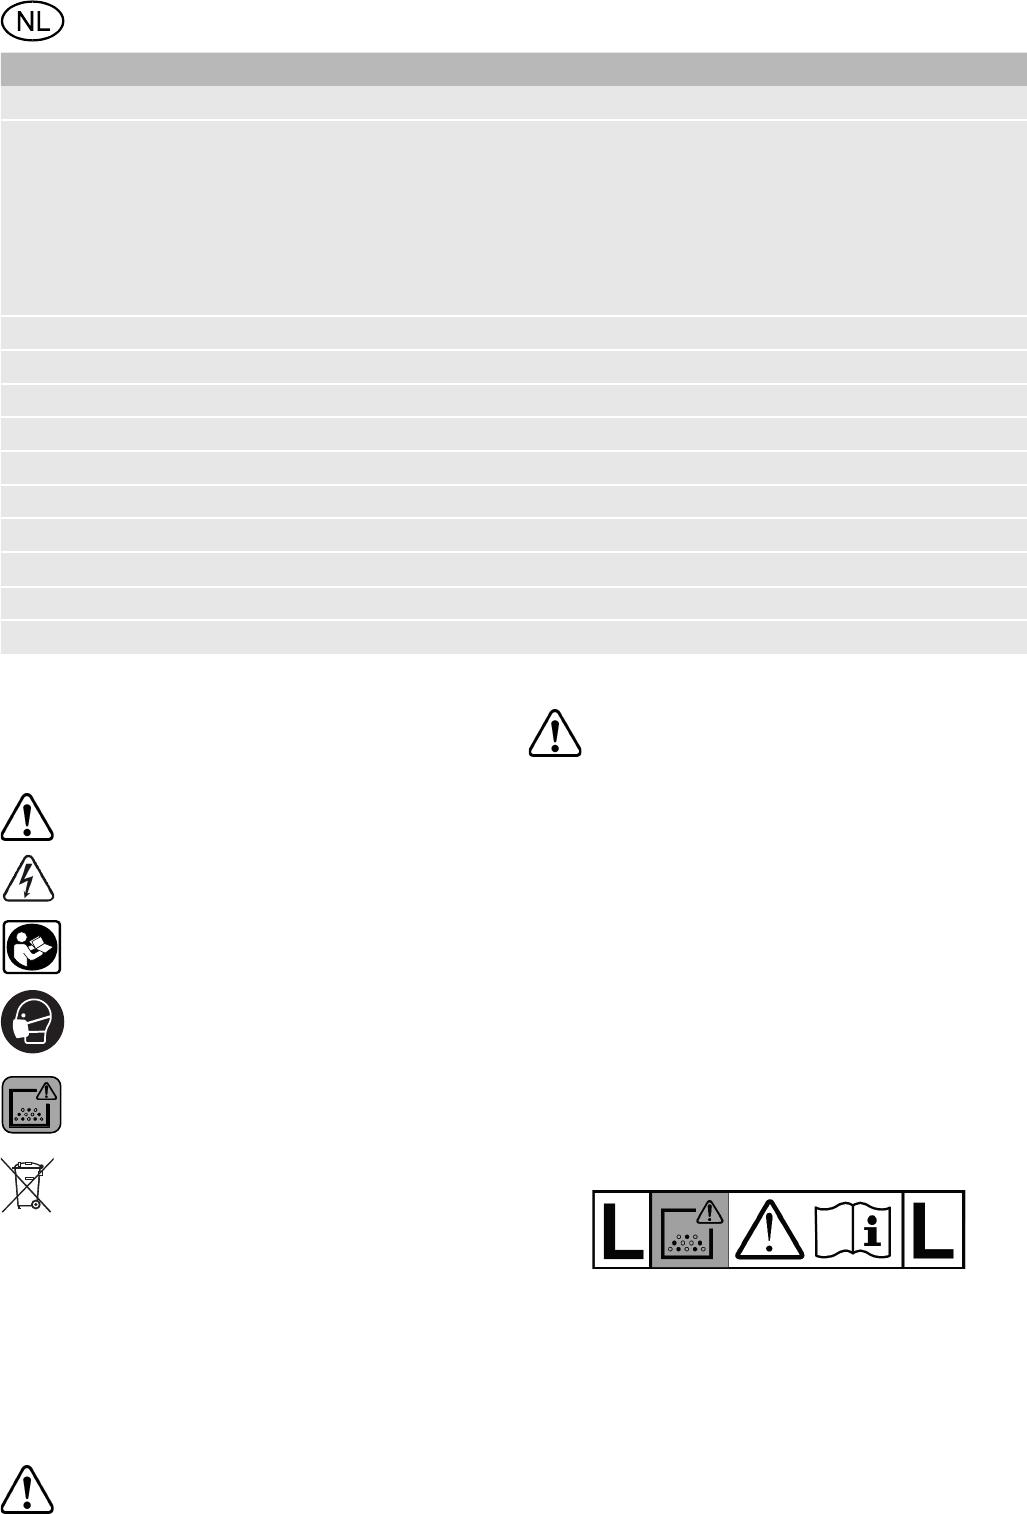 Uitgelezene Handleiding Festool CTL Mini (pagina 26 van 54) (Dansk, Deutsch QV-92